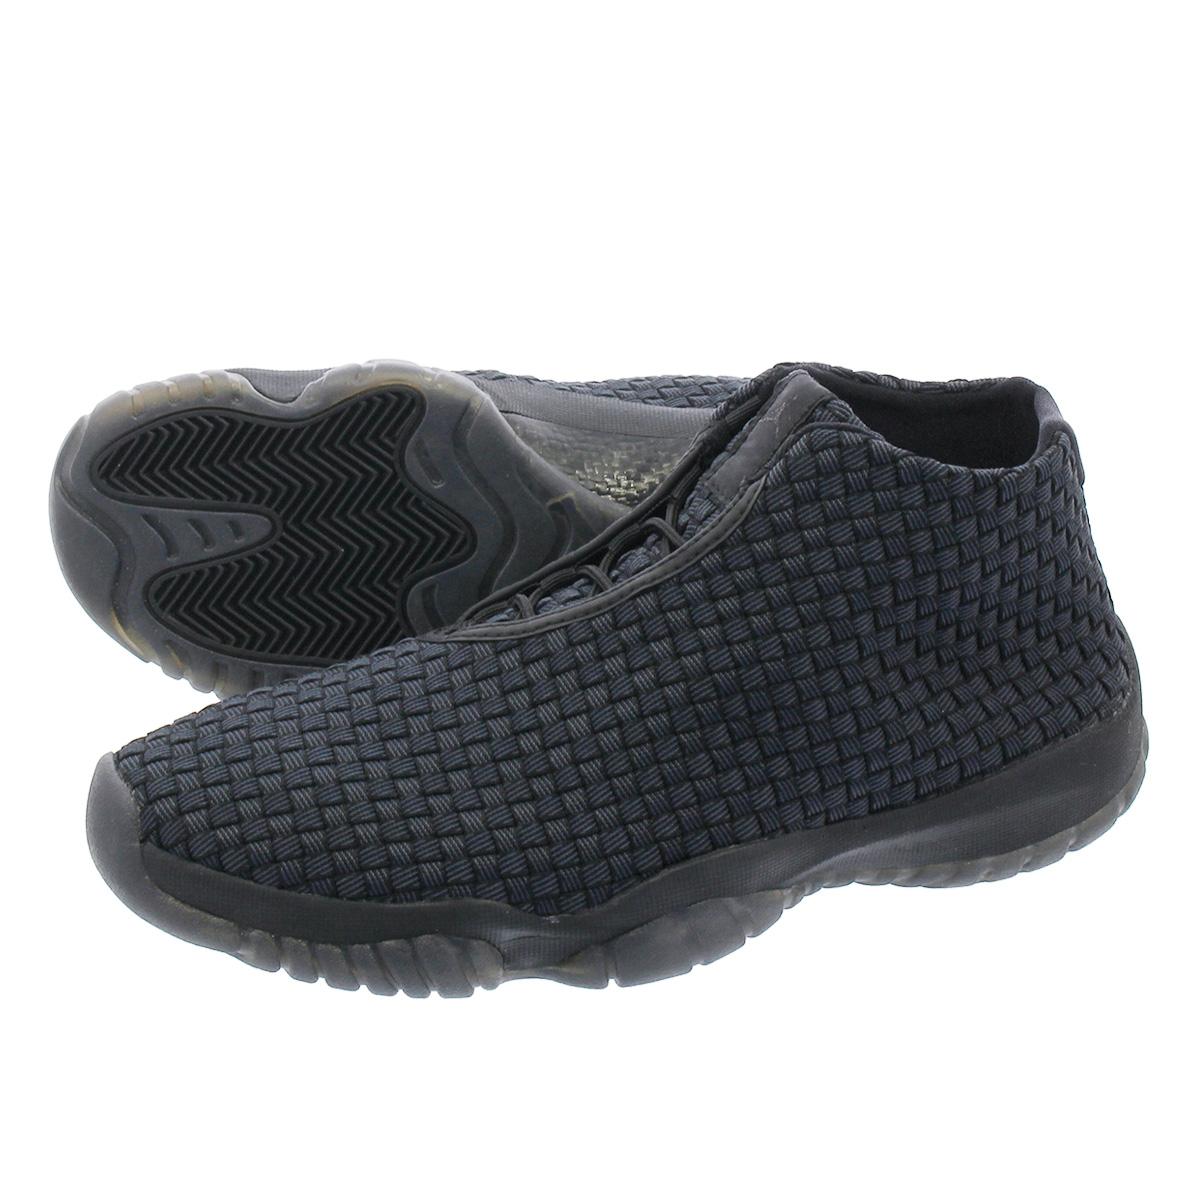 another chance 8d7dd 3242d LOWTEX PLUS  NIKE AIR JORDAN FUTURE Nike Air Jordan future  BLACK BLACK BLACK 656,503-001   Rakuten Global Market